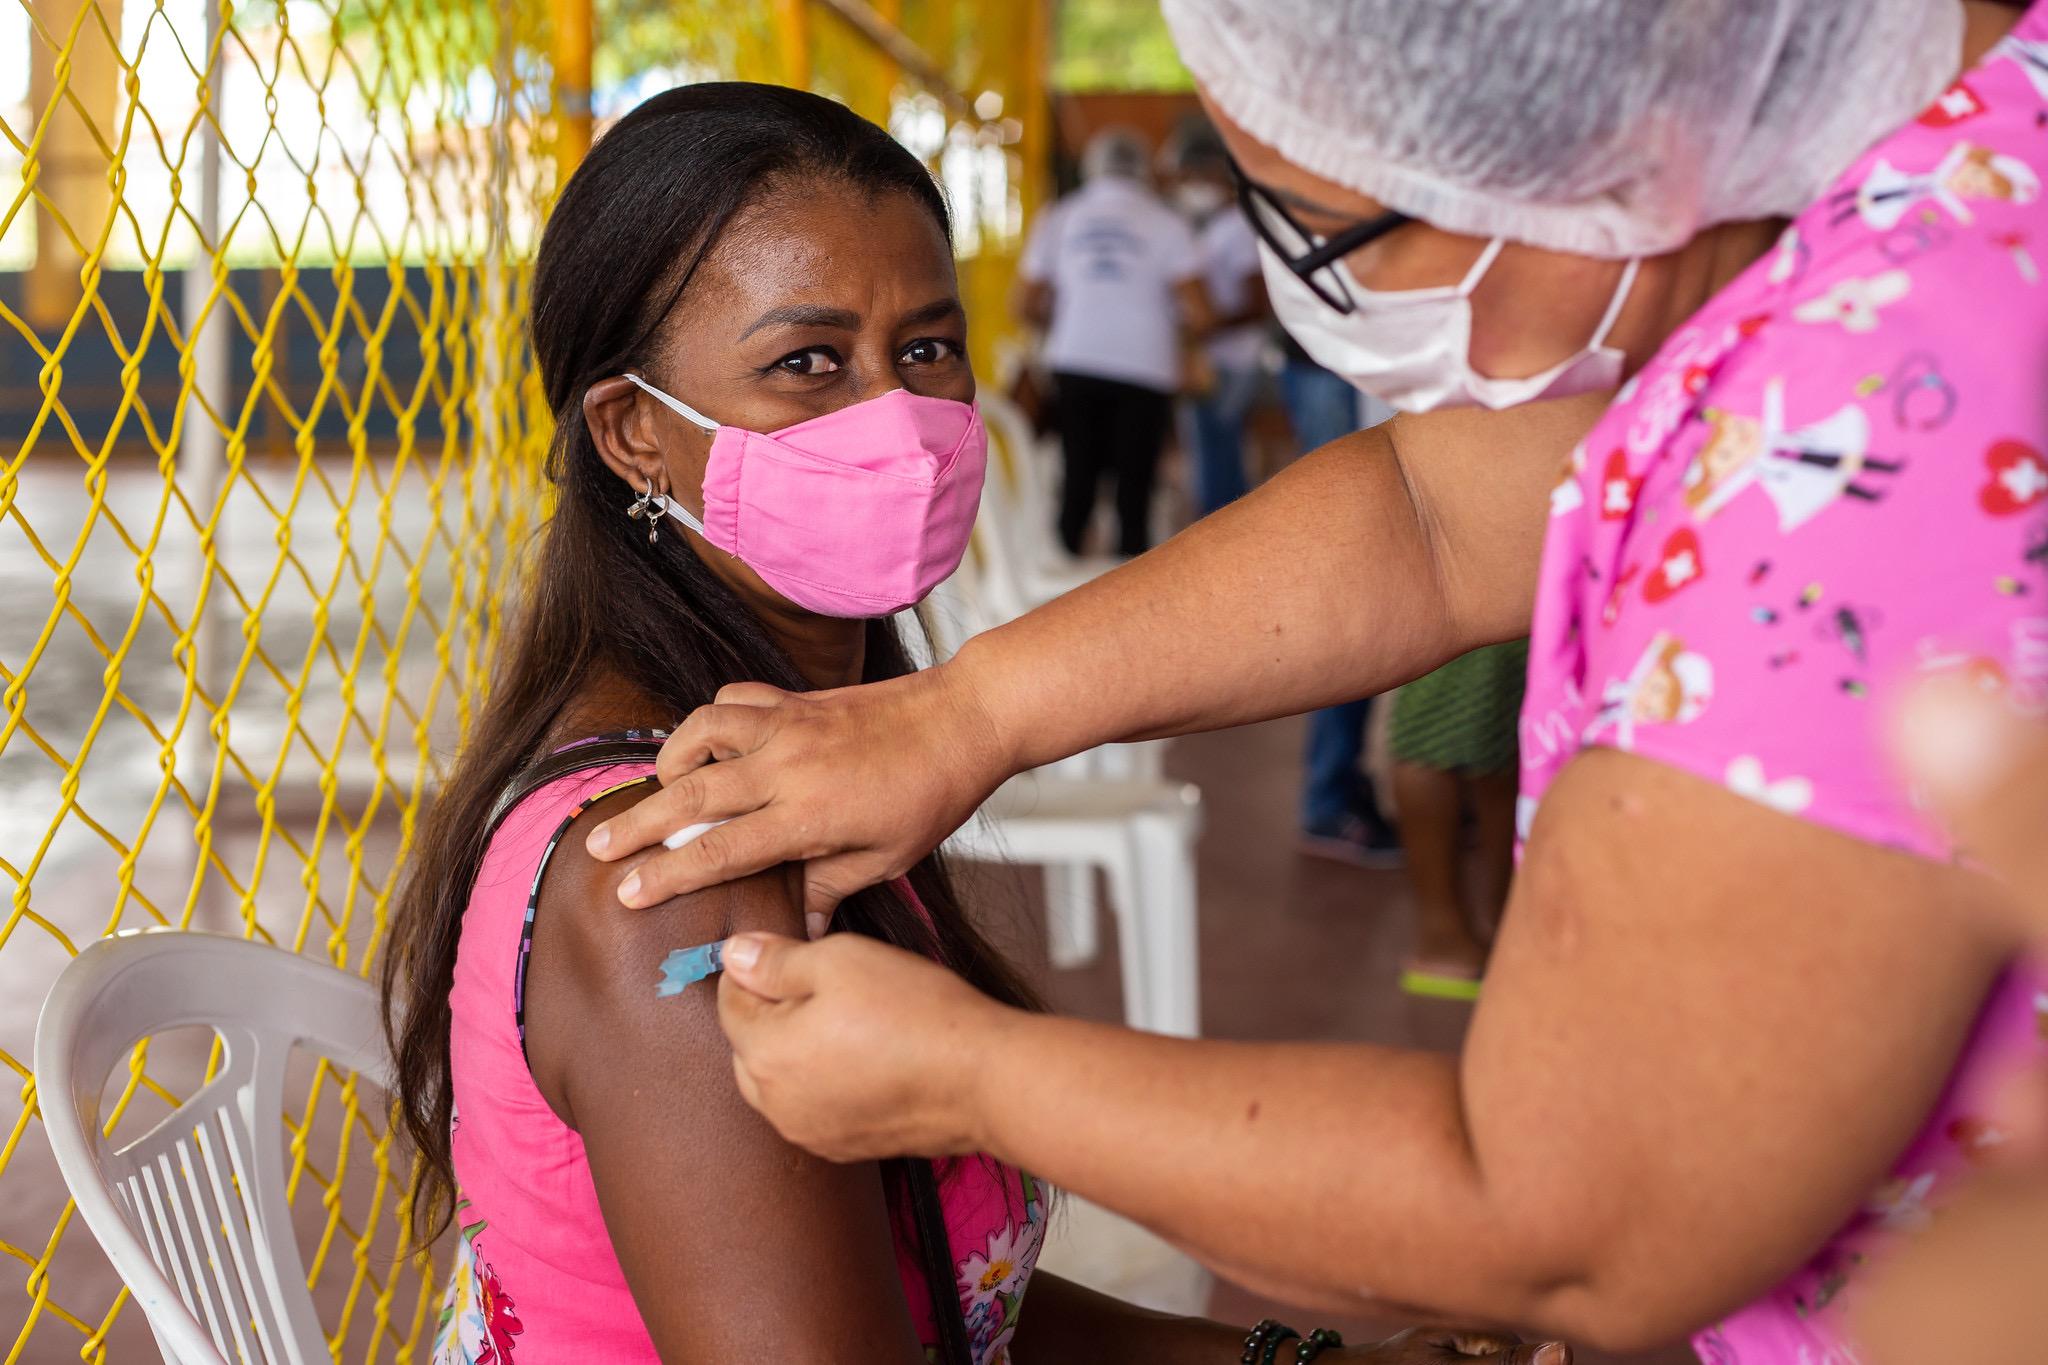 COVID-19: Lauro de Freitas amplia público da vacinação nesta sexta-feira (07). Pessoas com 59 anos ou mais e pessoas com comorbidades acima de 18 anos poderão ser imunizadas